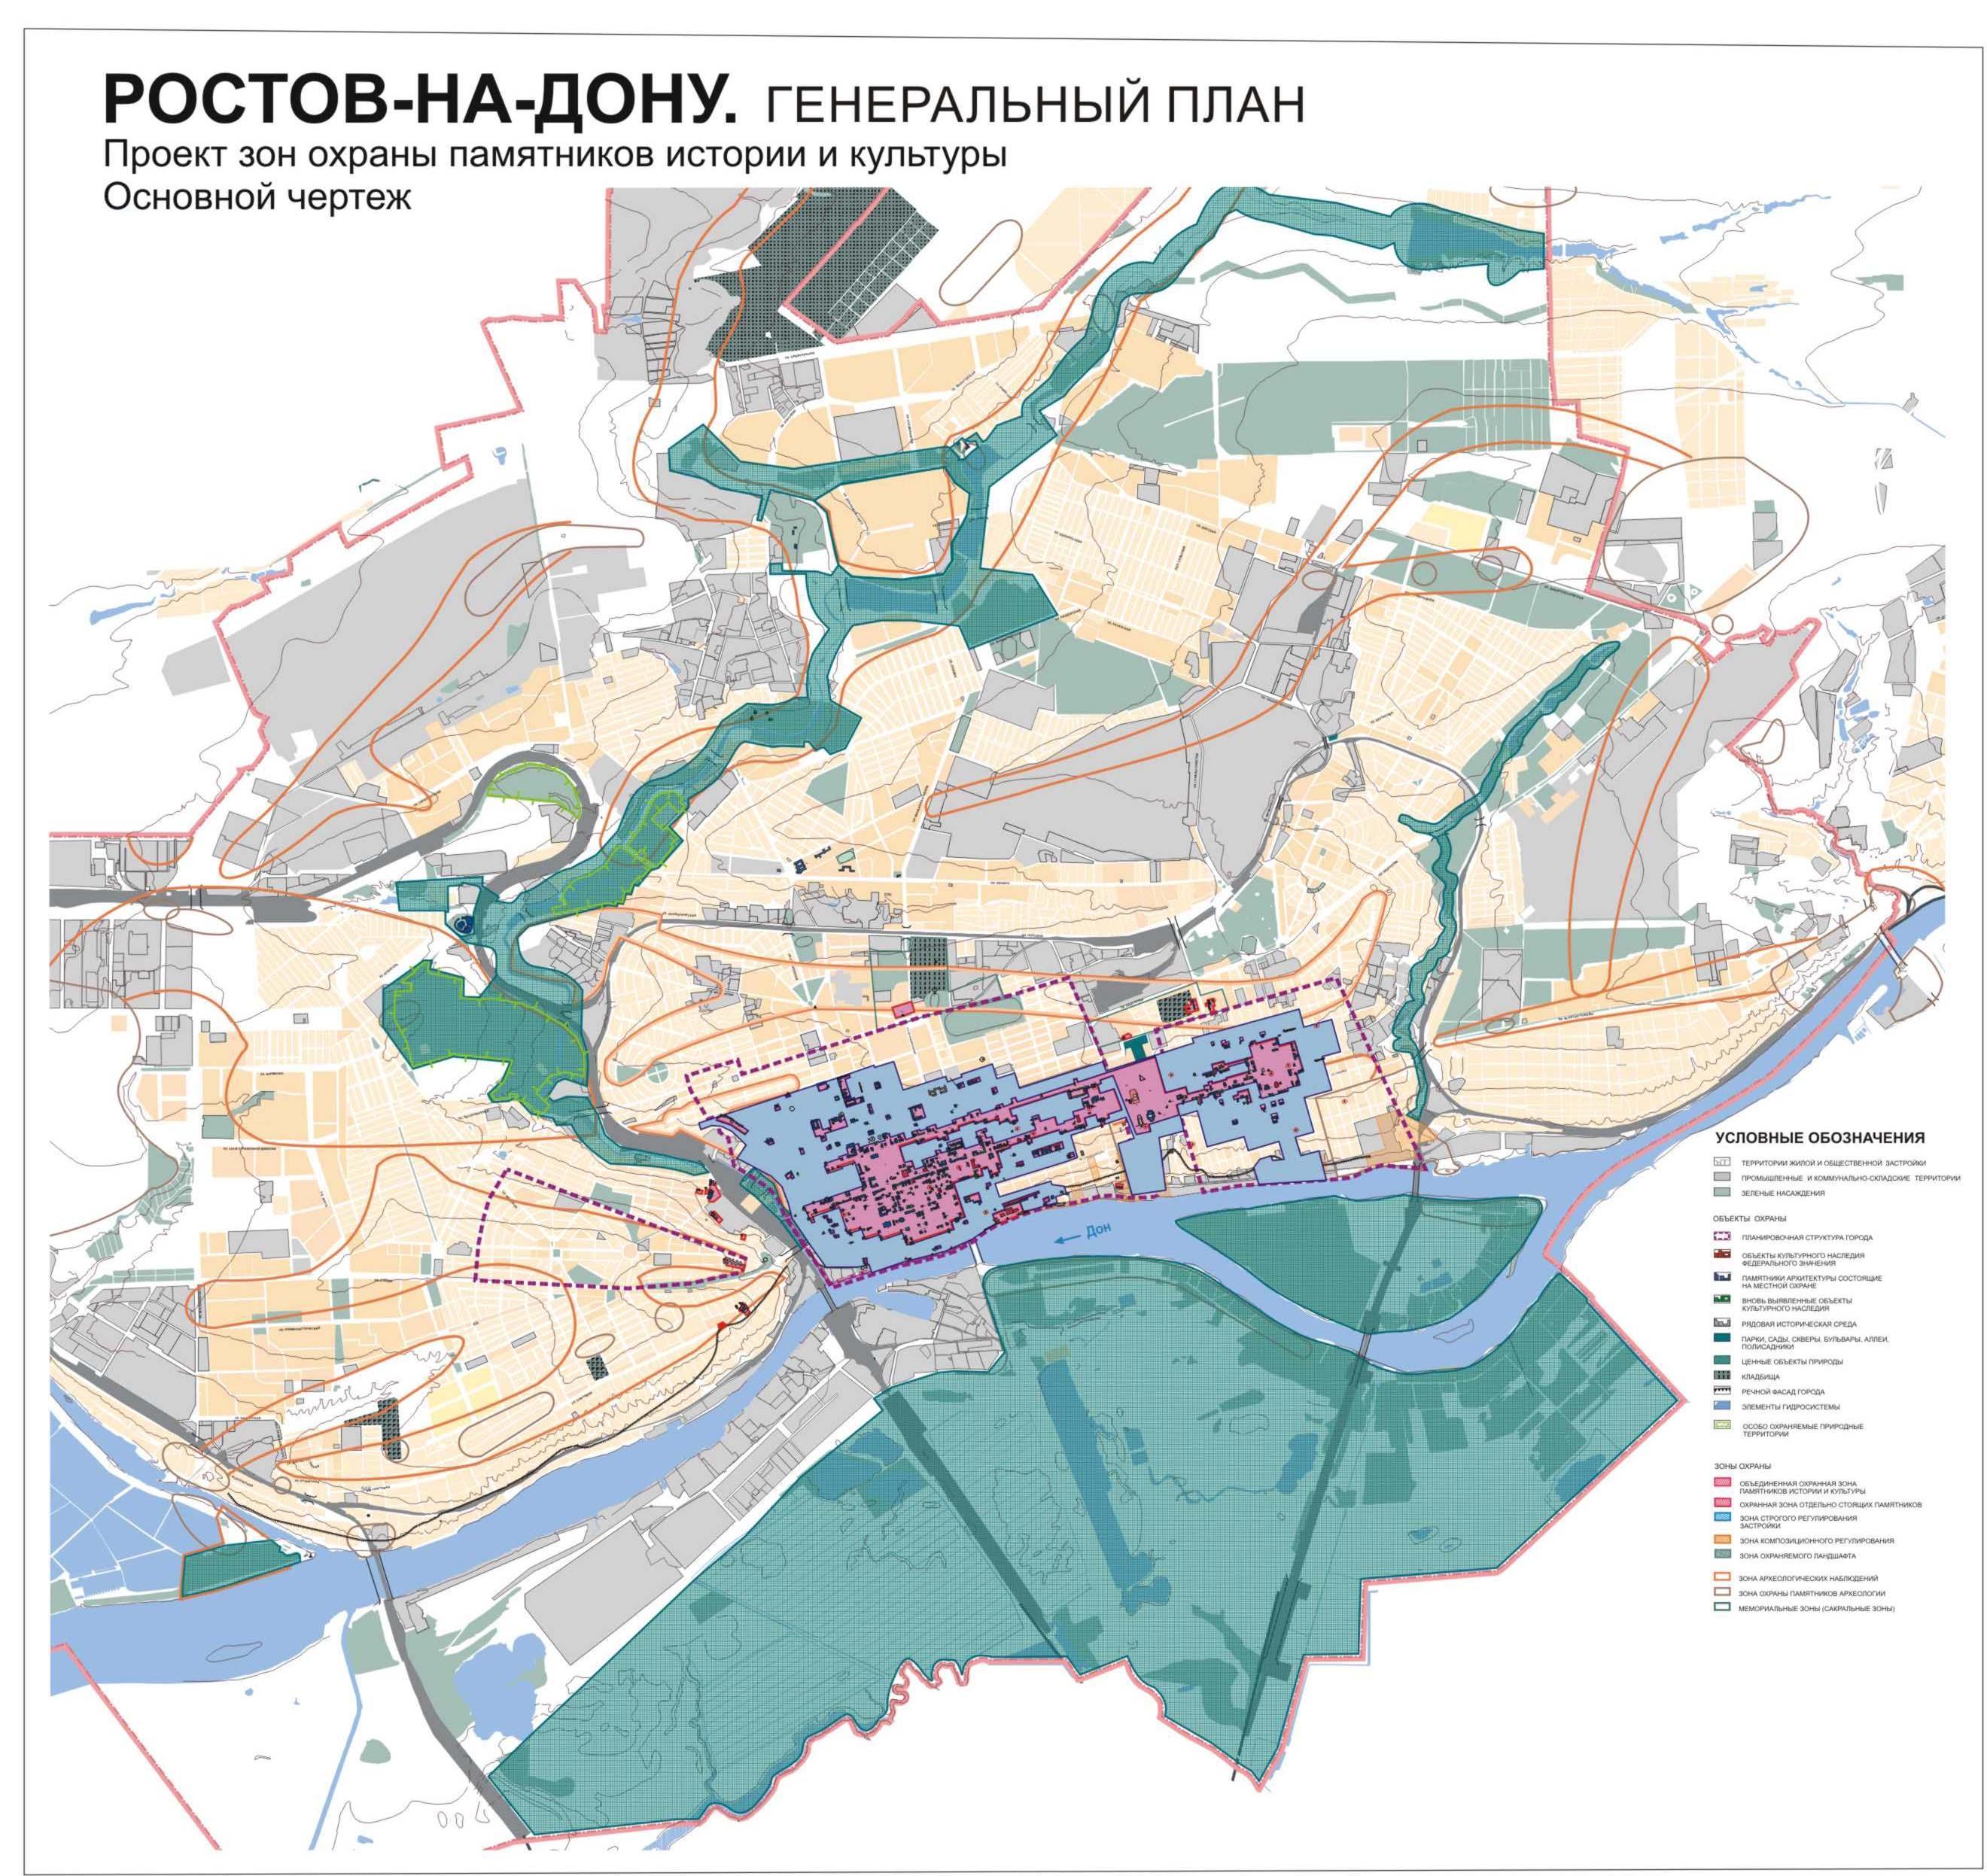 схема новочеркасск 2015 заводская